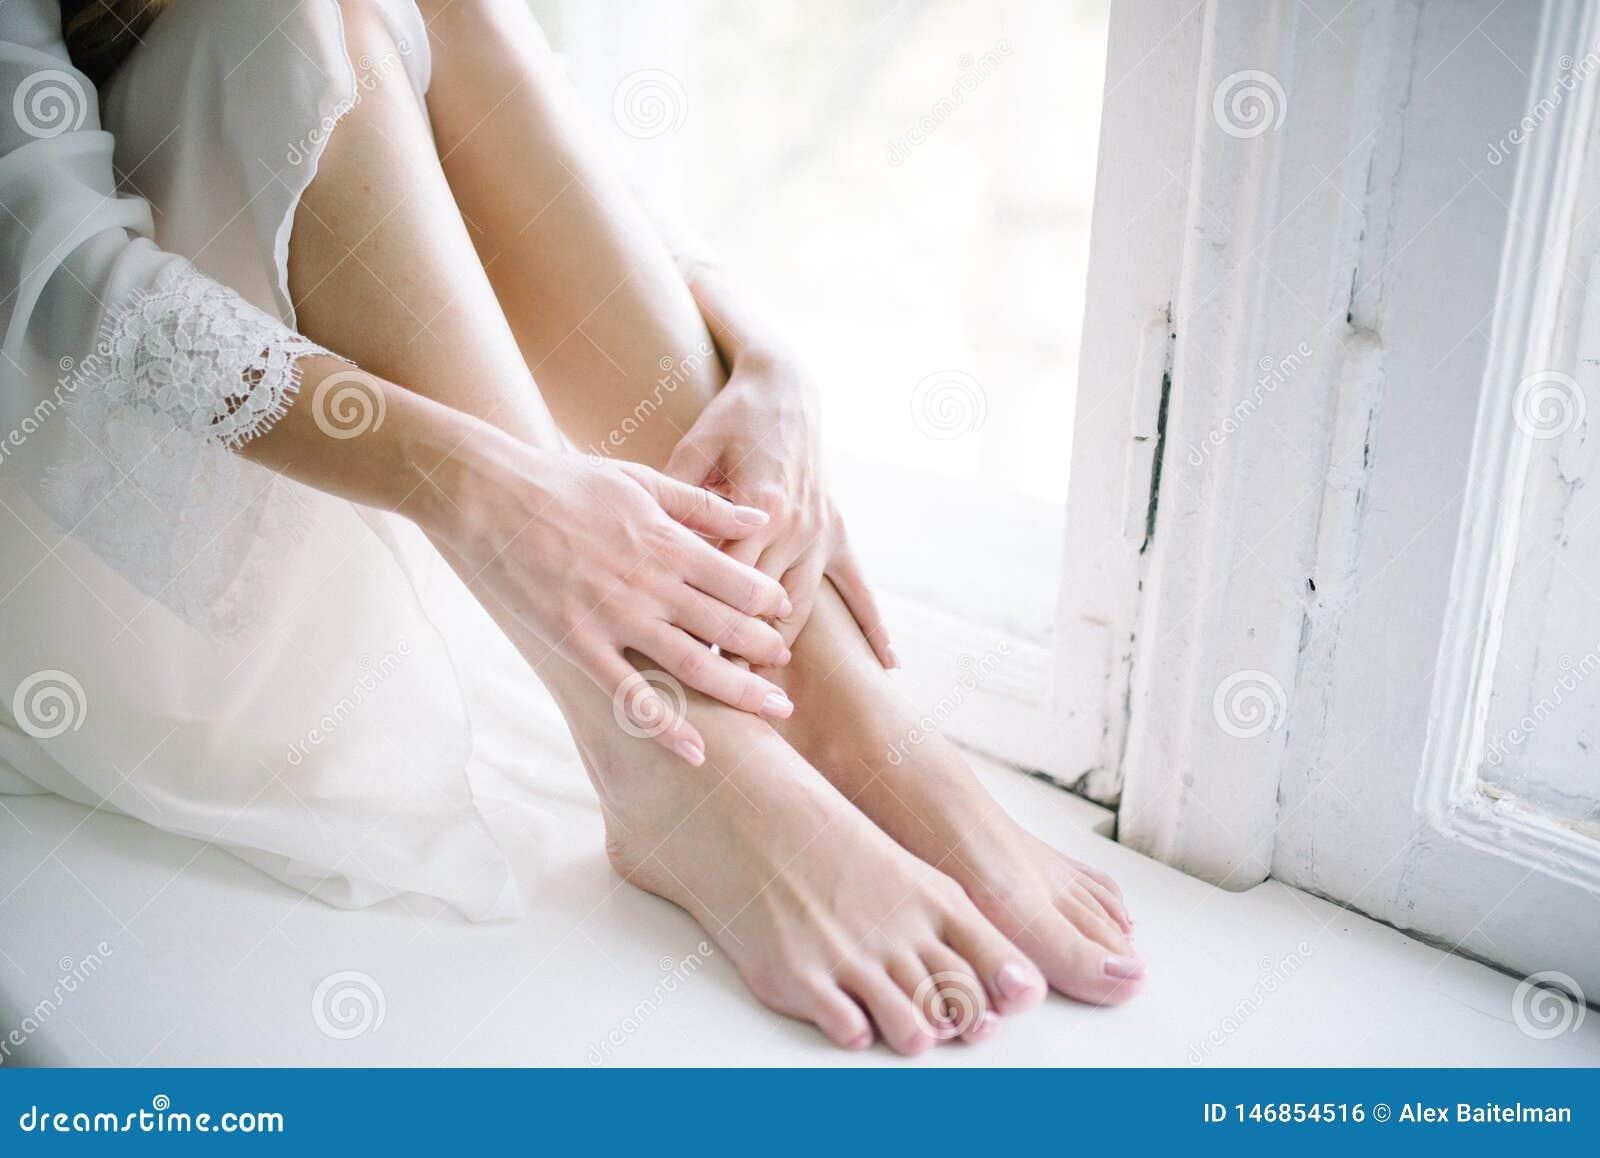 Kobiet g?adkie ogolone nogi zamkni?te w g?r? stosowanie opieki sk?ry przejrzystego lakier